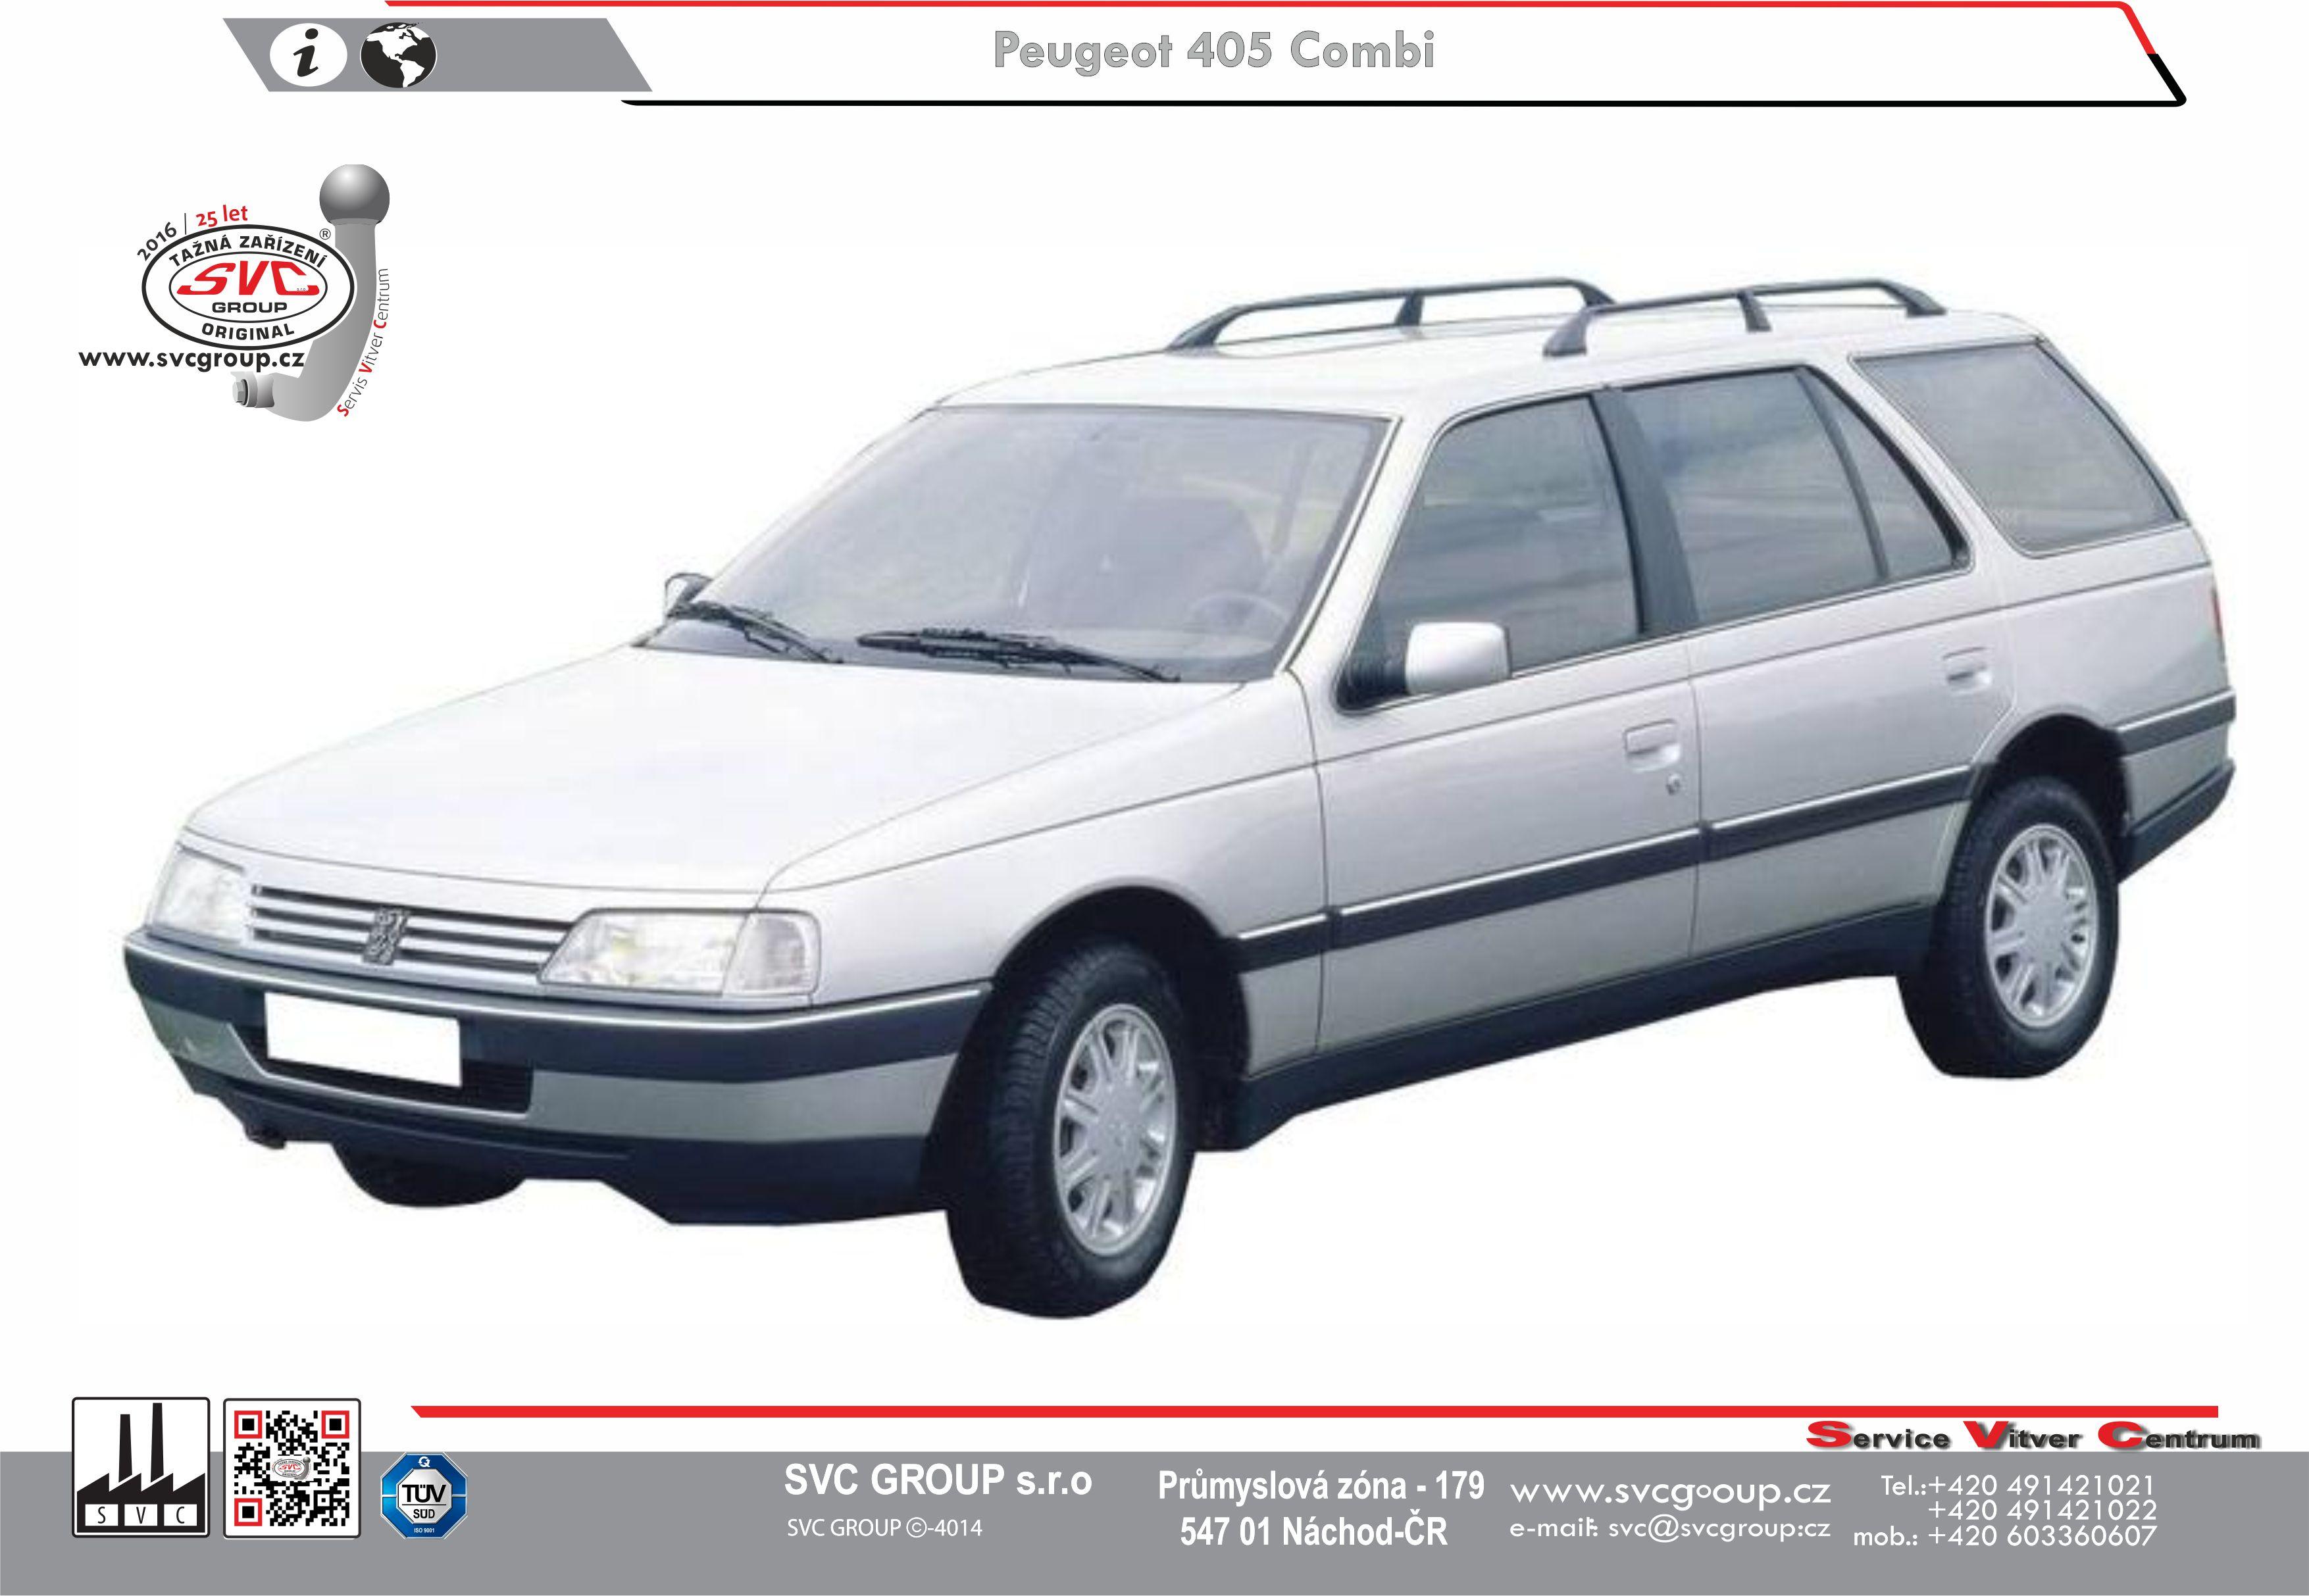 Peugeot 405 Kombi